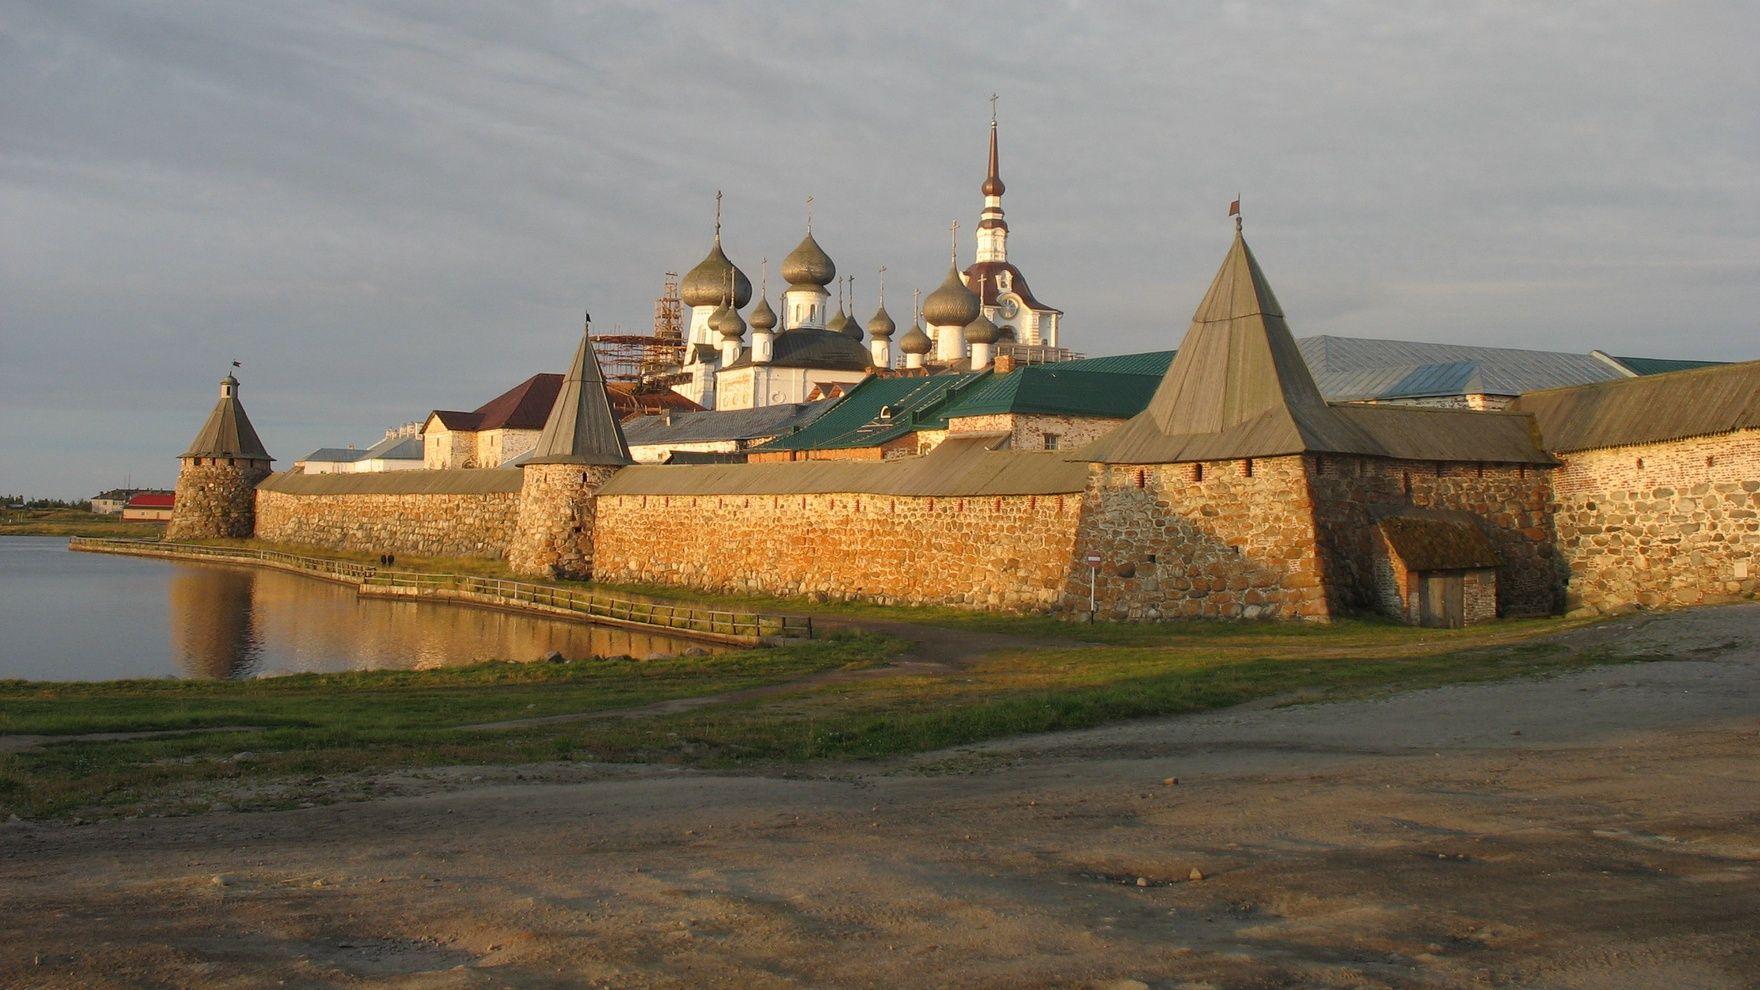 Поход на яхте: Беломорканал и Соловки